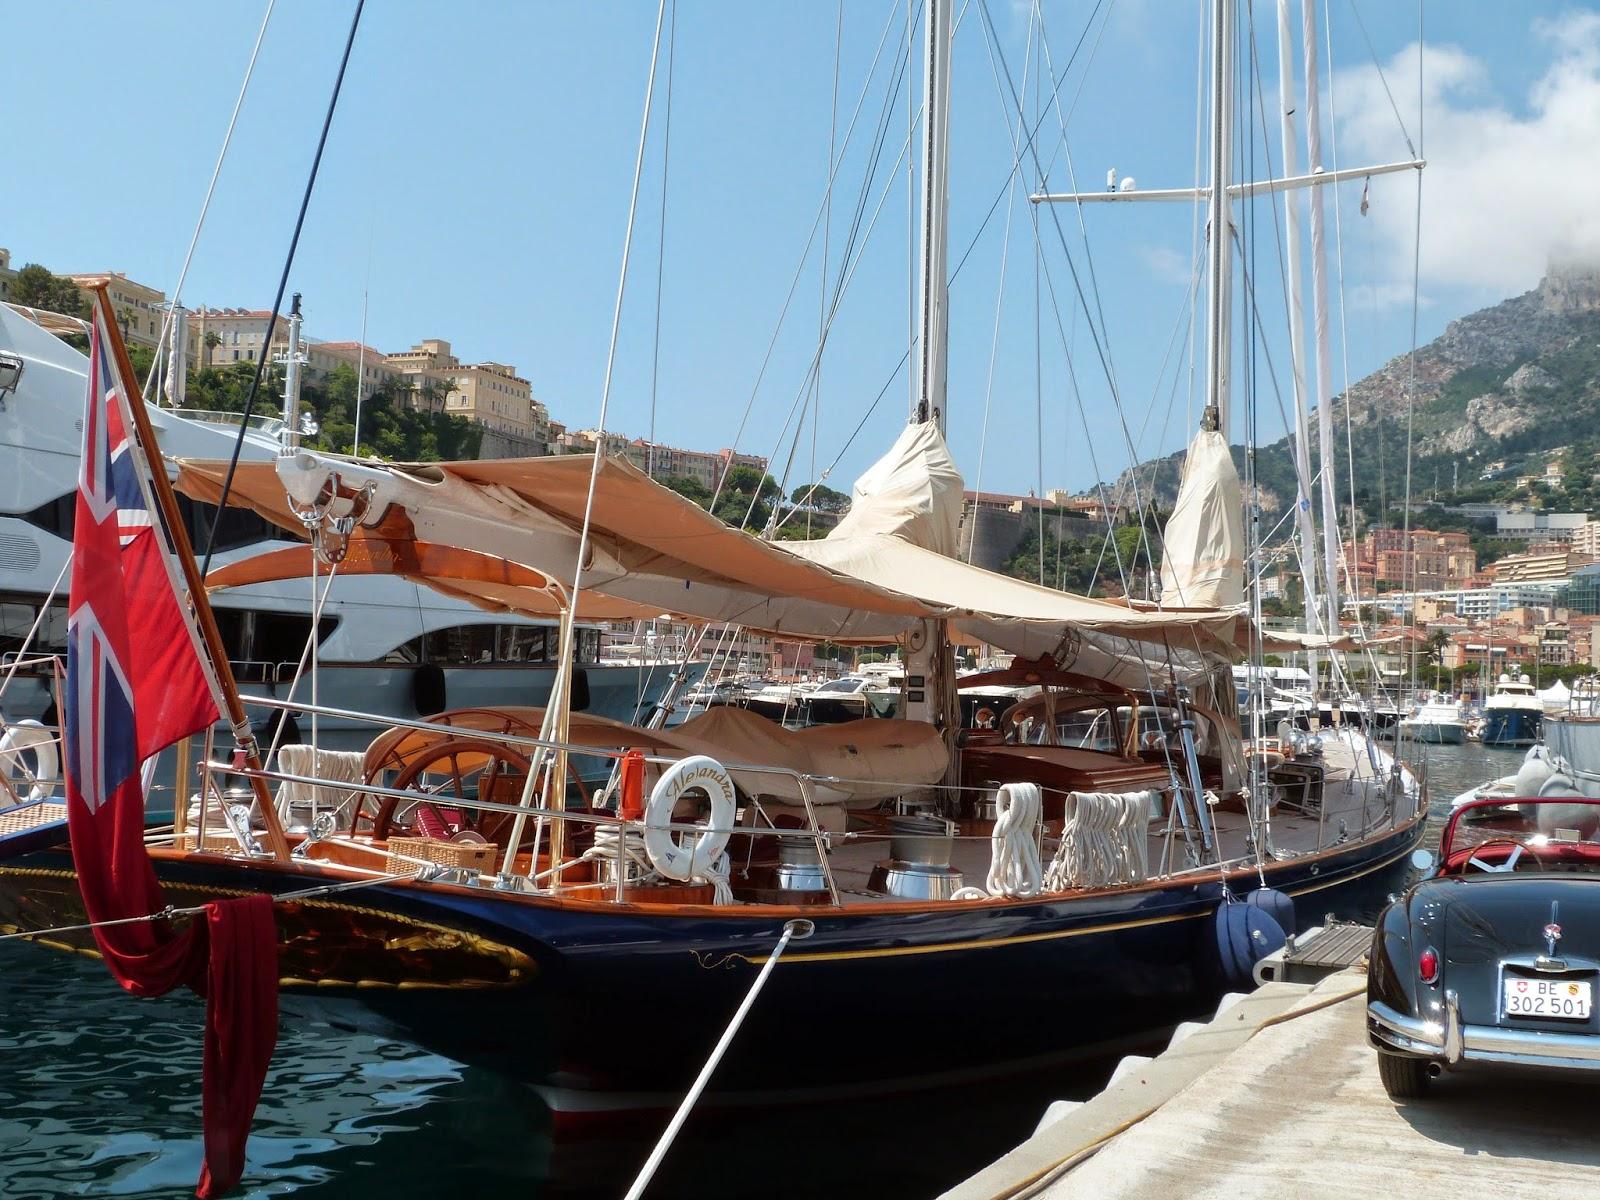 Fiorucci's yacht Alejandra  - www.superyachtfan.com